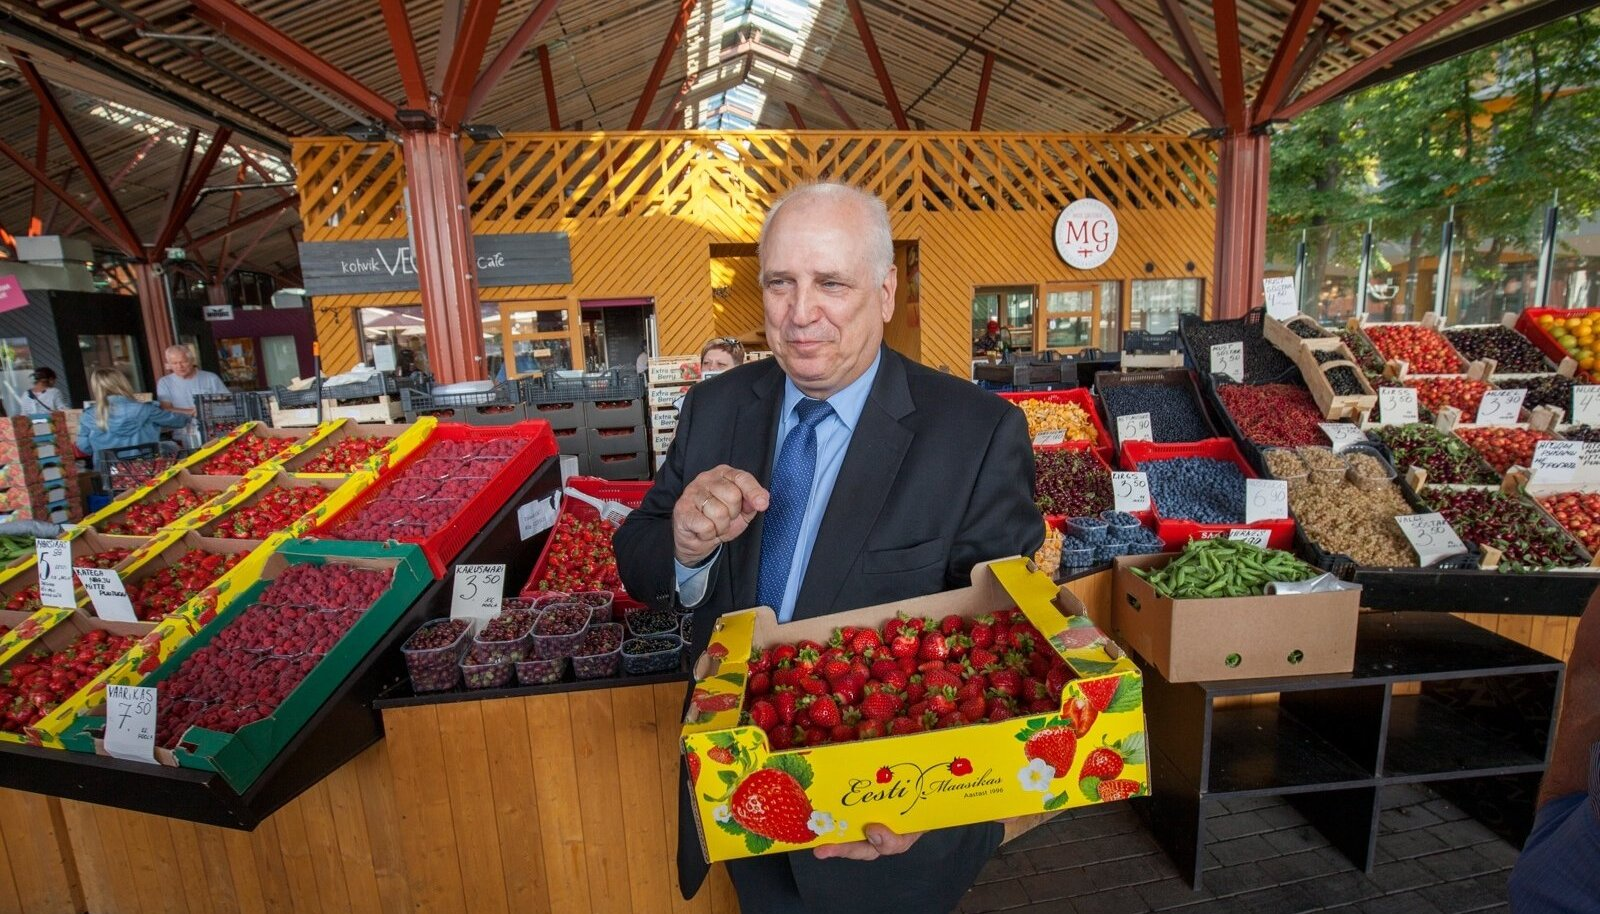 Mart Järvik väidab, et kuulis tulevast skandaalist kalatööstuses esmakordselt augustis maasikareidi ajal